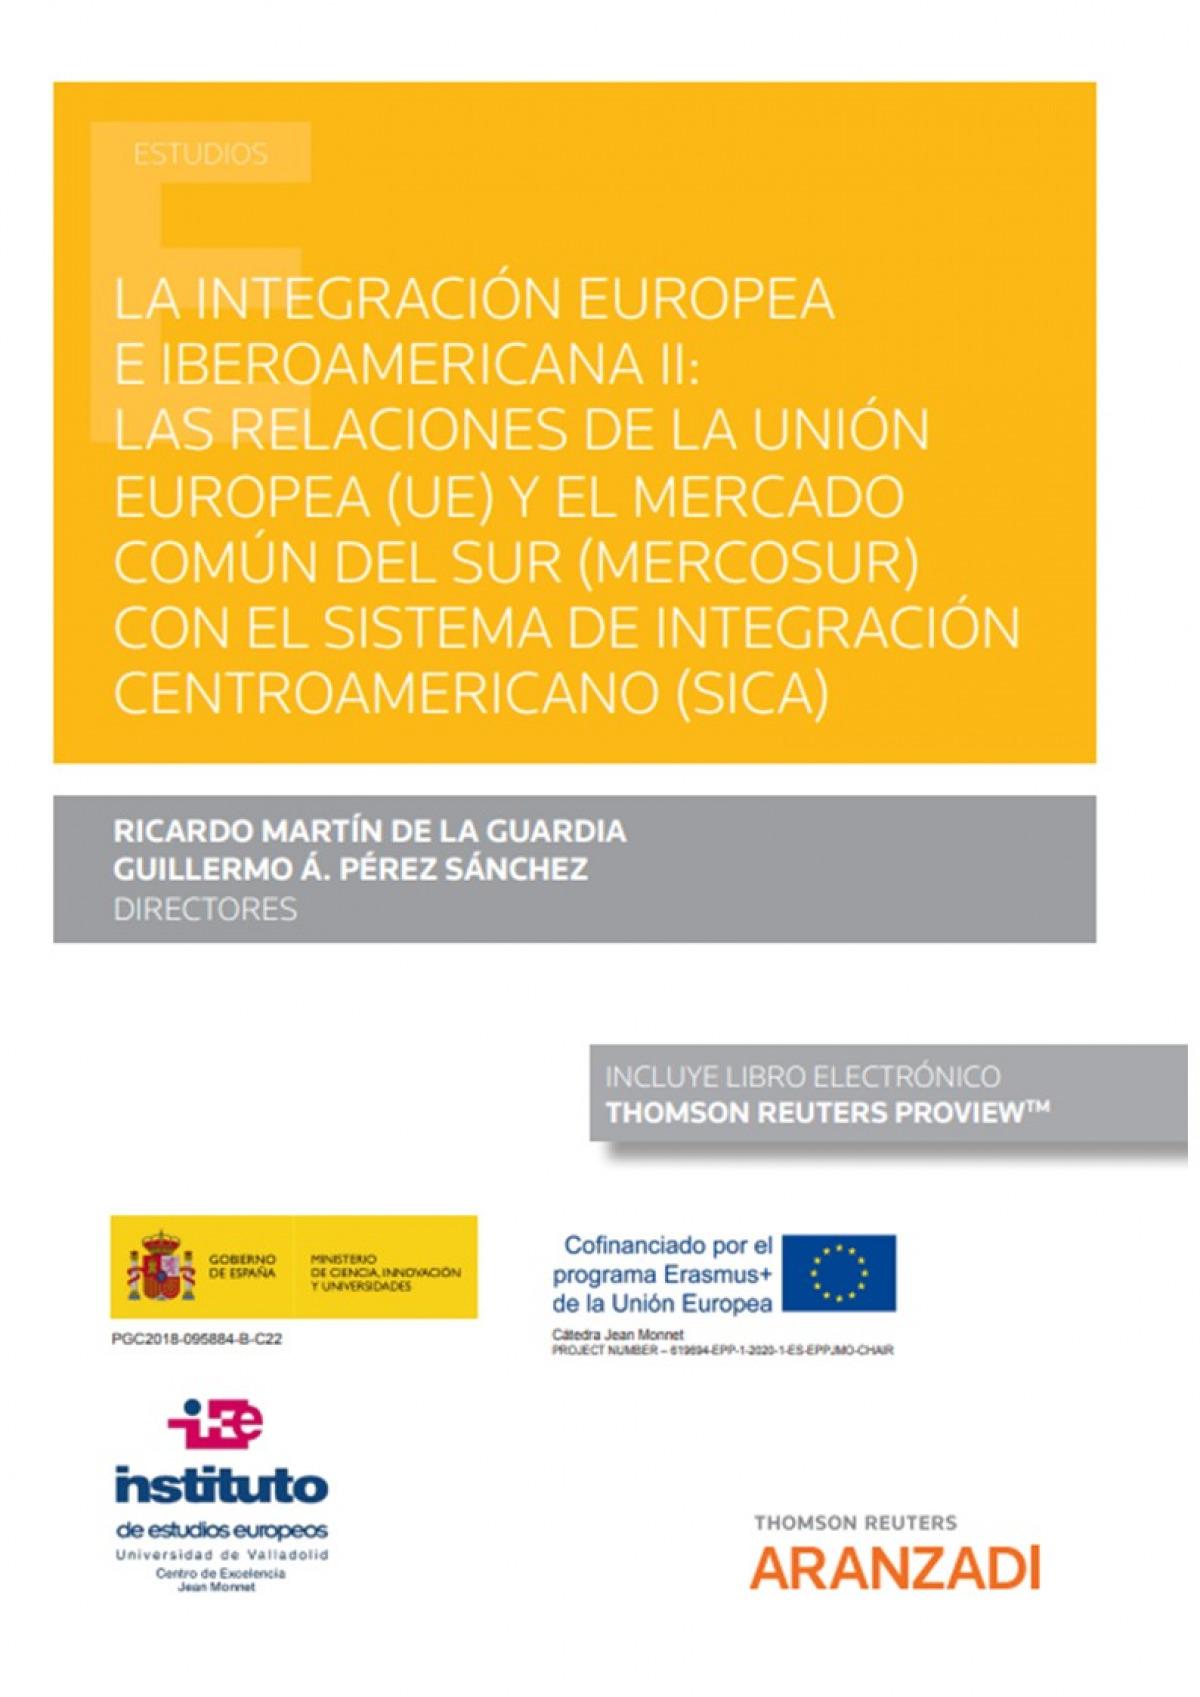 La integración europea e iberoamericana II: Las relaciones de la Unión Europea (UE) y el Mercado Común del Sur (MERCOSUR) con el Sistema de Integració